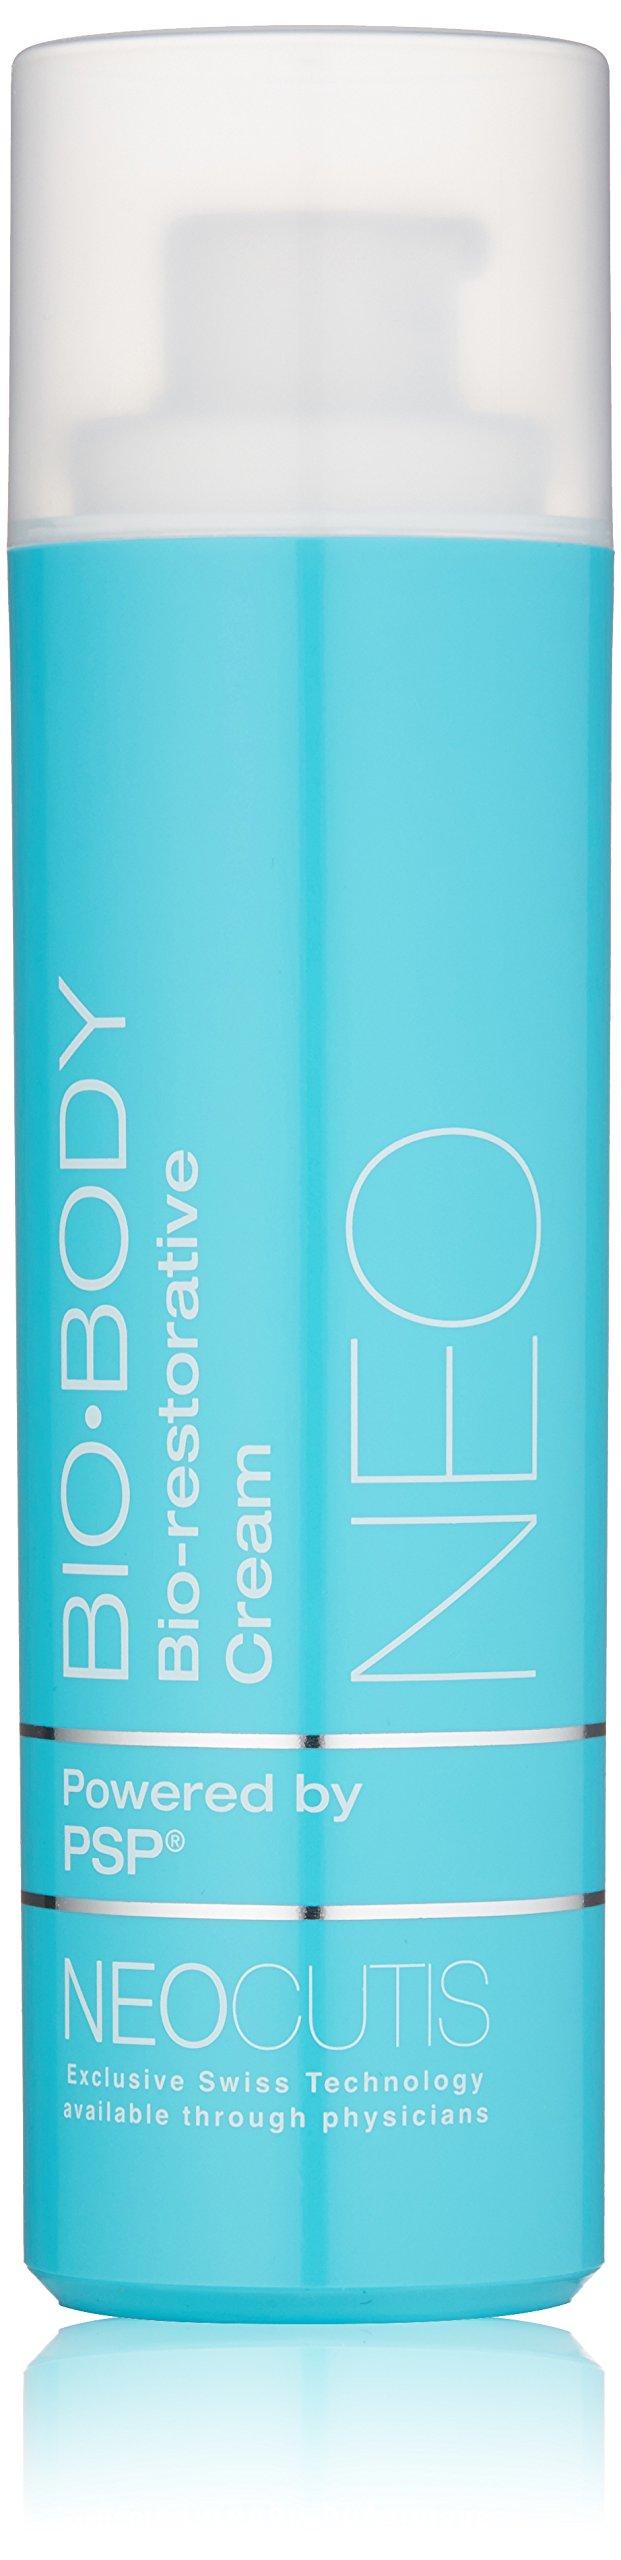 NEOCUTIS Biobody Bio-restorative Cream, 6.76 Fl Oz